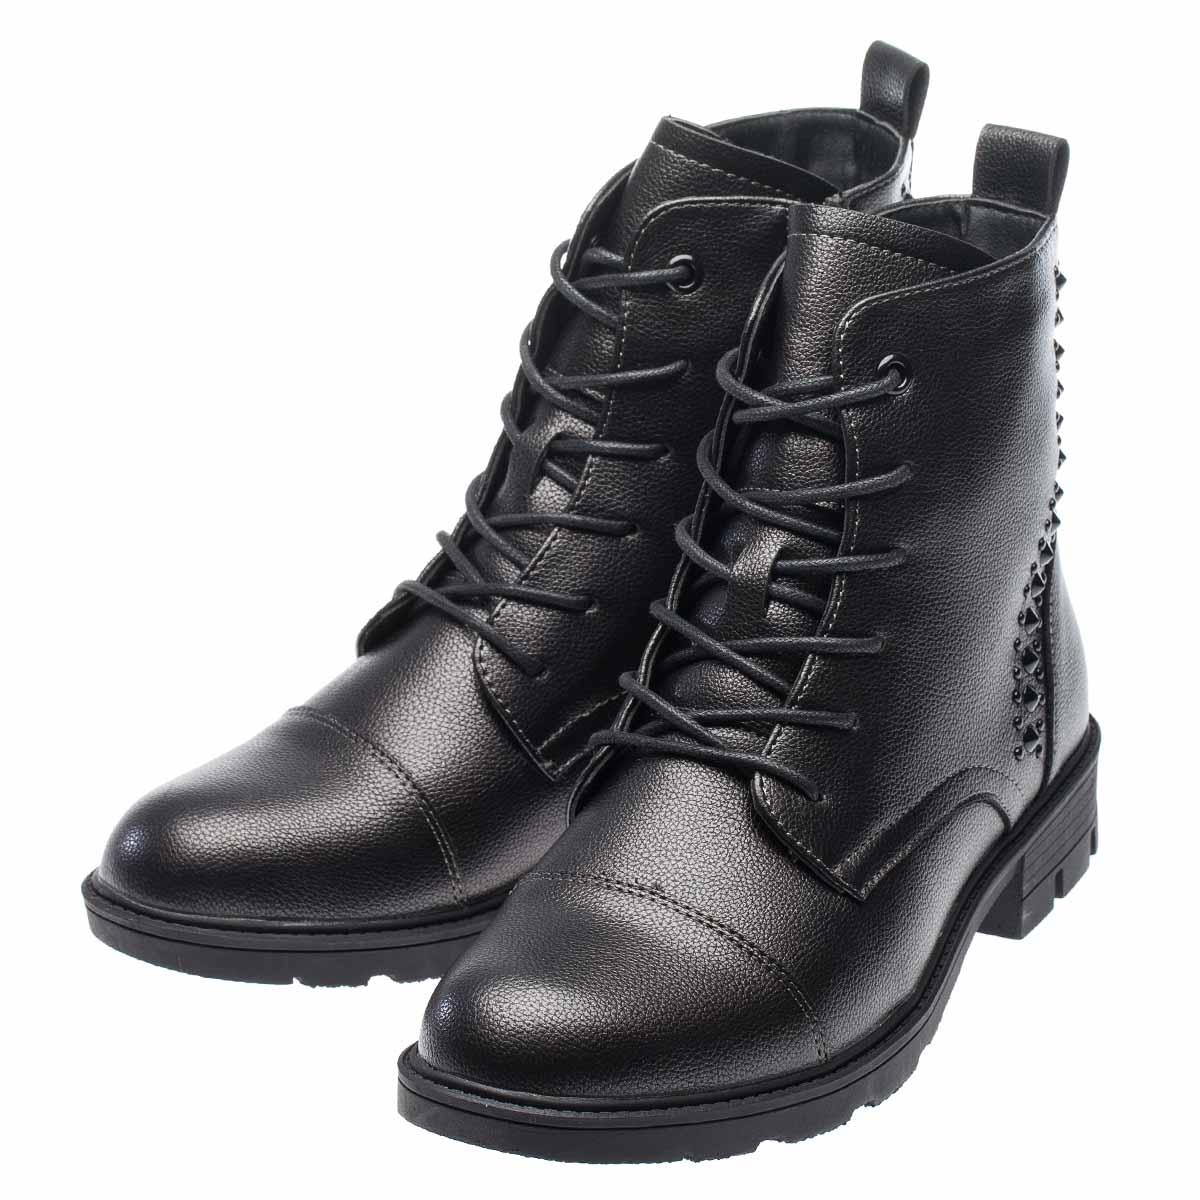 Фото - Ботинки демисезонные FERTO, D18-6781A ботинки демисезонные ferto skl 008